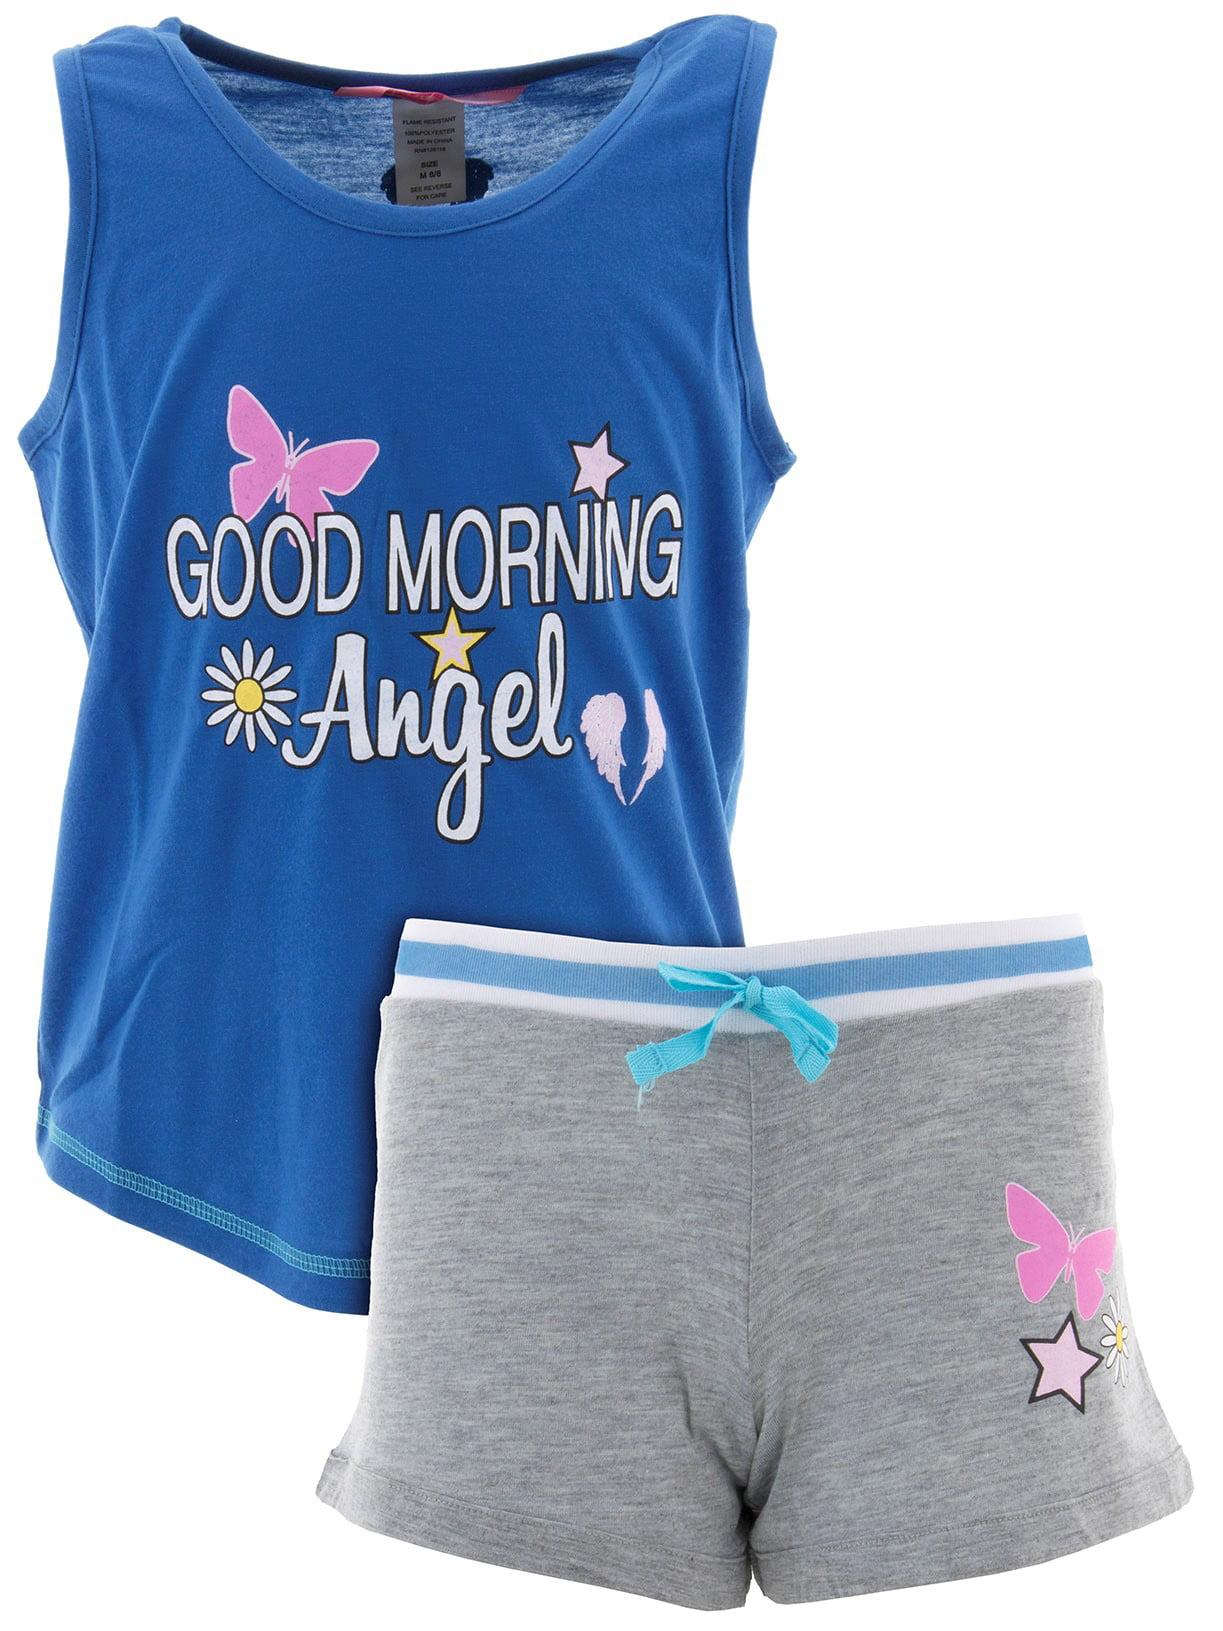 Katnap Kids Big Girls' Good Morning Angel Blue Short Pajamas